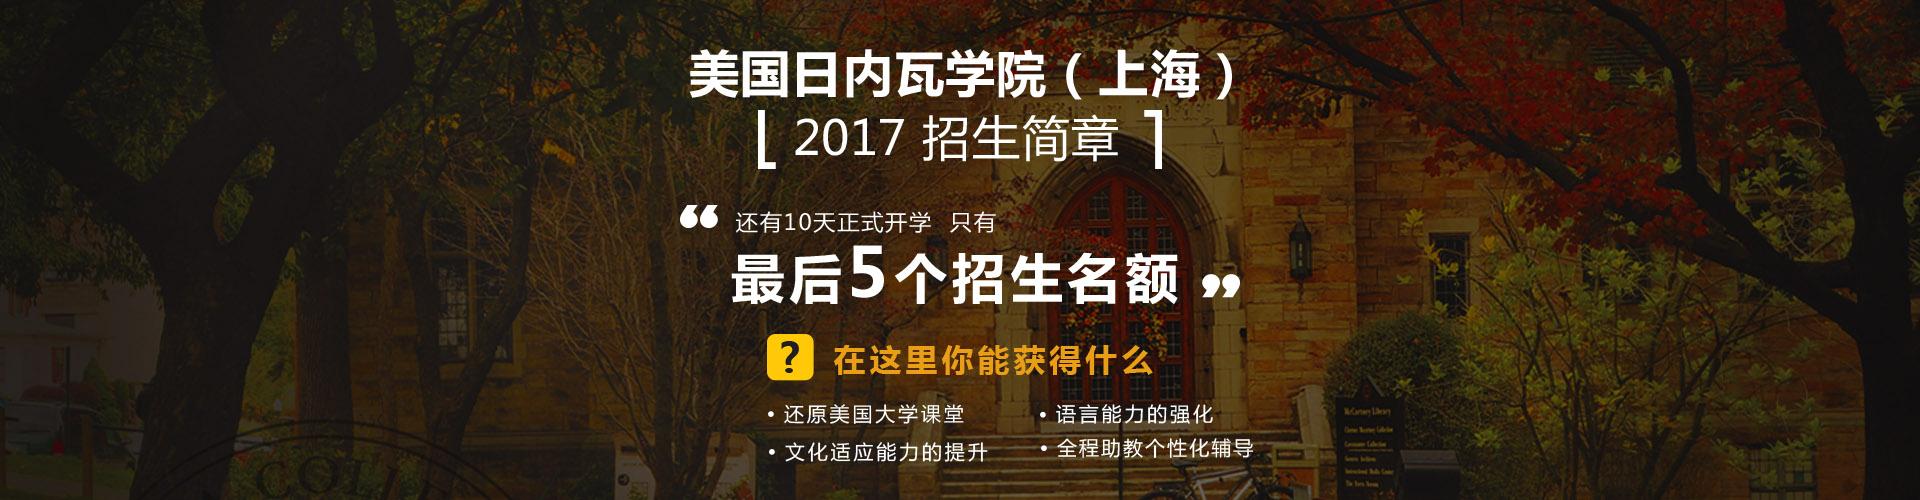 美国日内瓦大学(上海)开学啦!